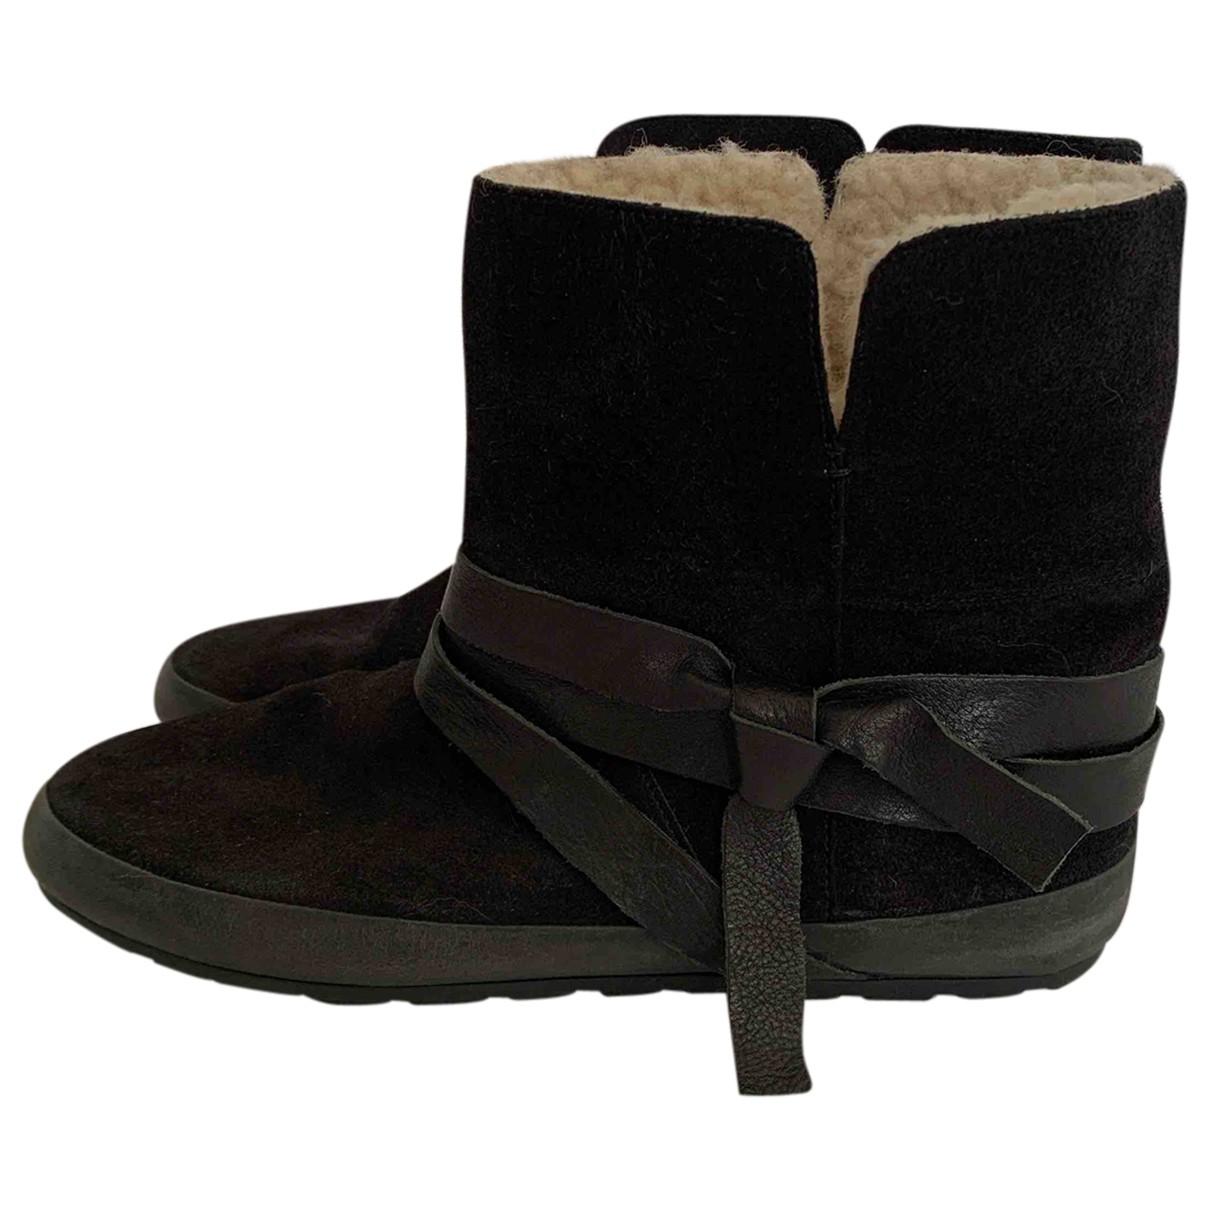 Isabel Marant Etoile - Boots   pour femme en mouton - noir